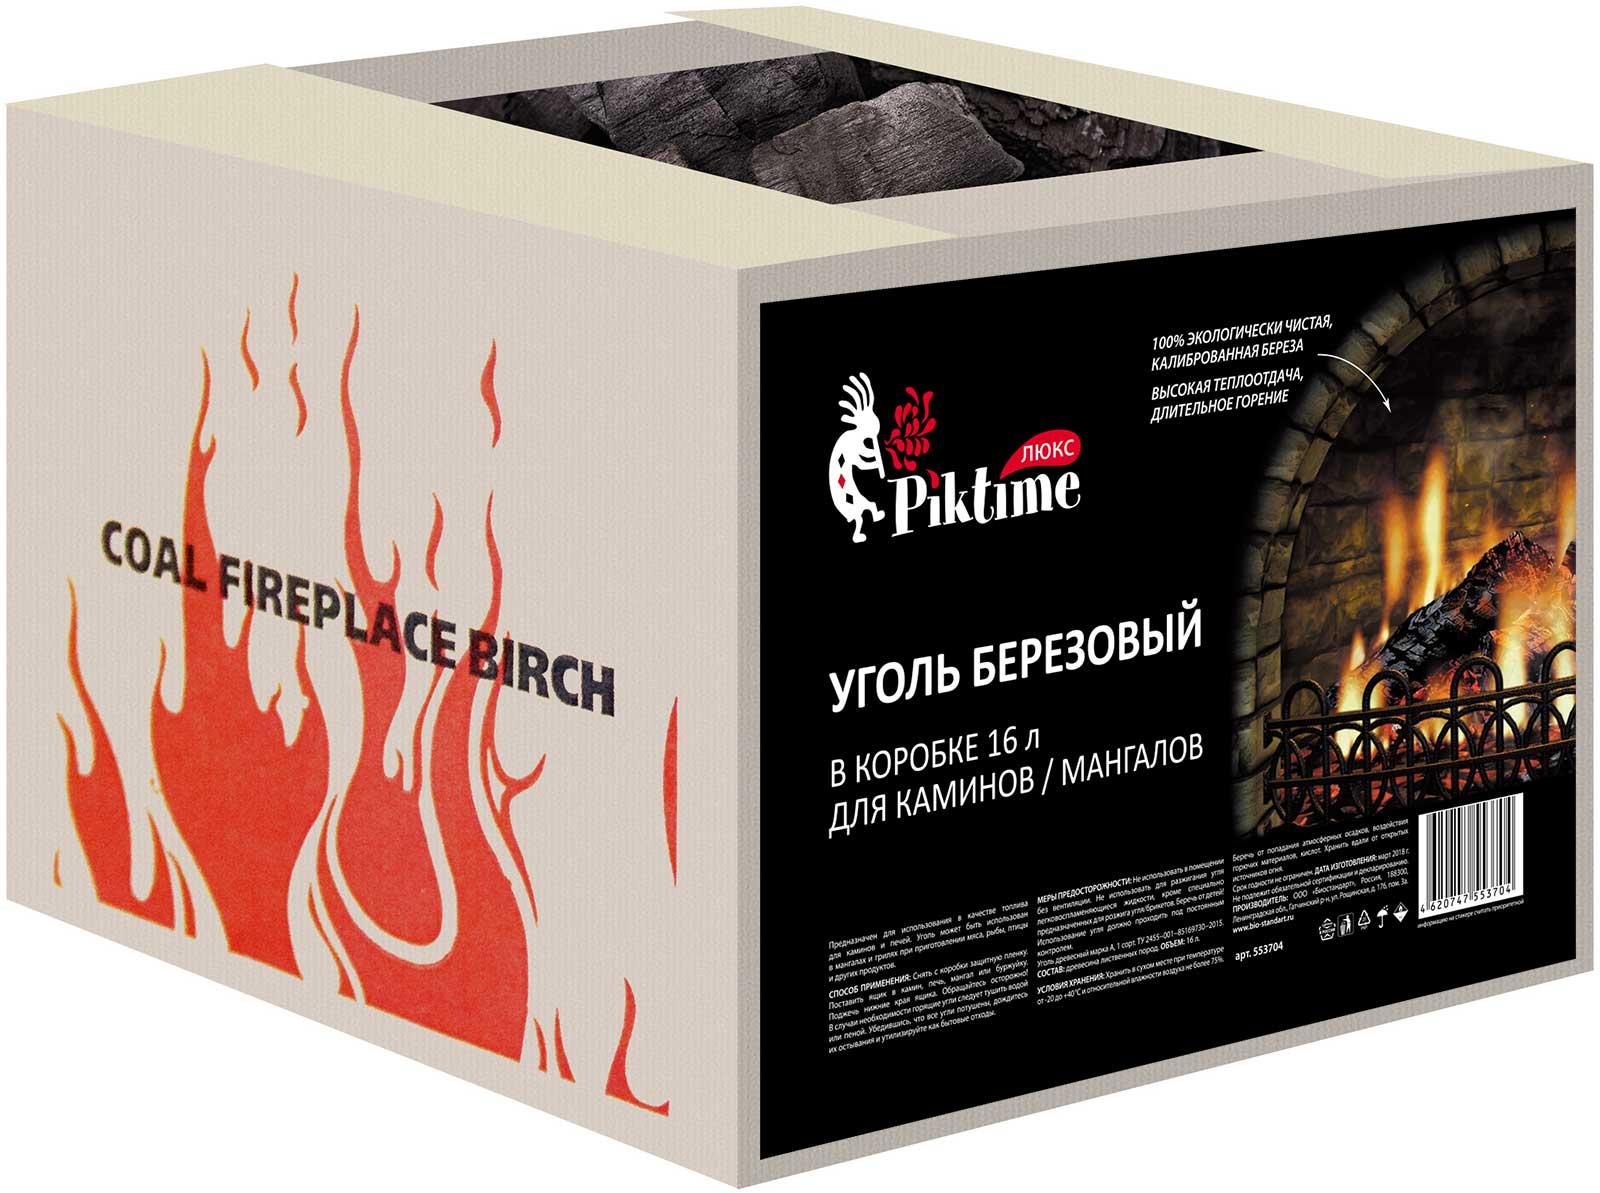 Уголь березовый Piktime ЛЮКС в коробке 16л для каминов/мангалов уголь piktime 553612